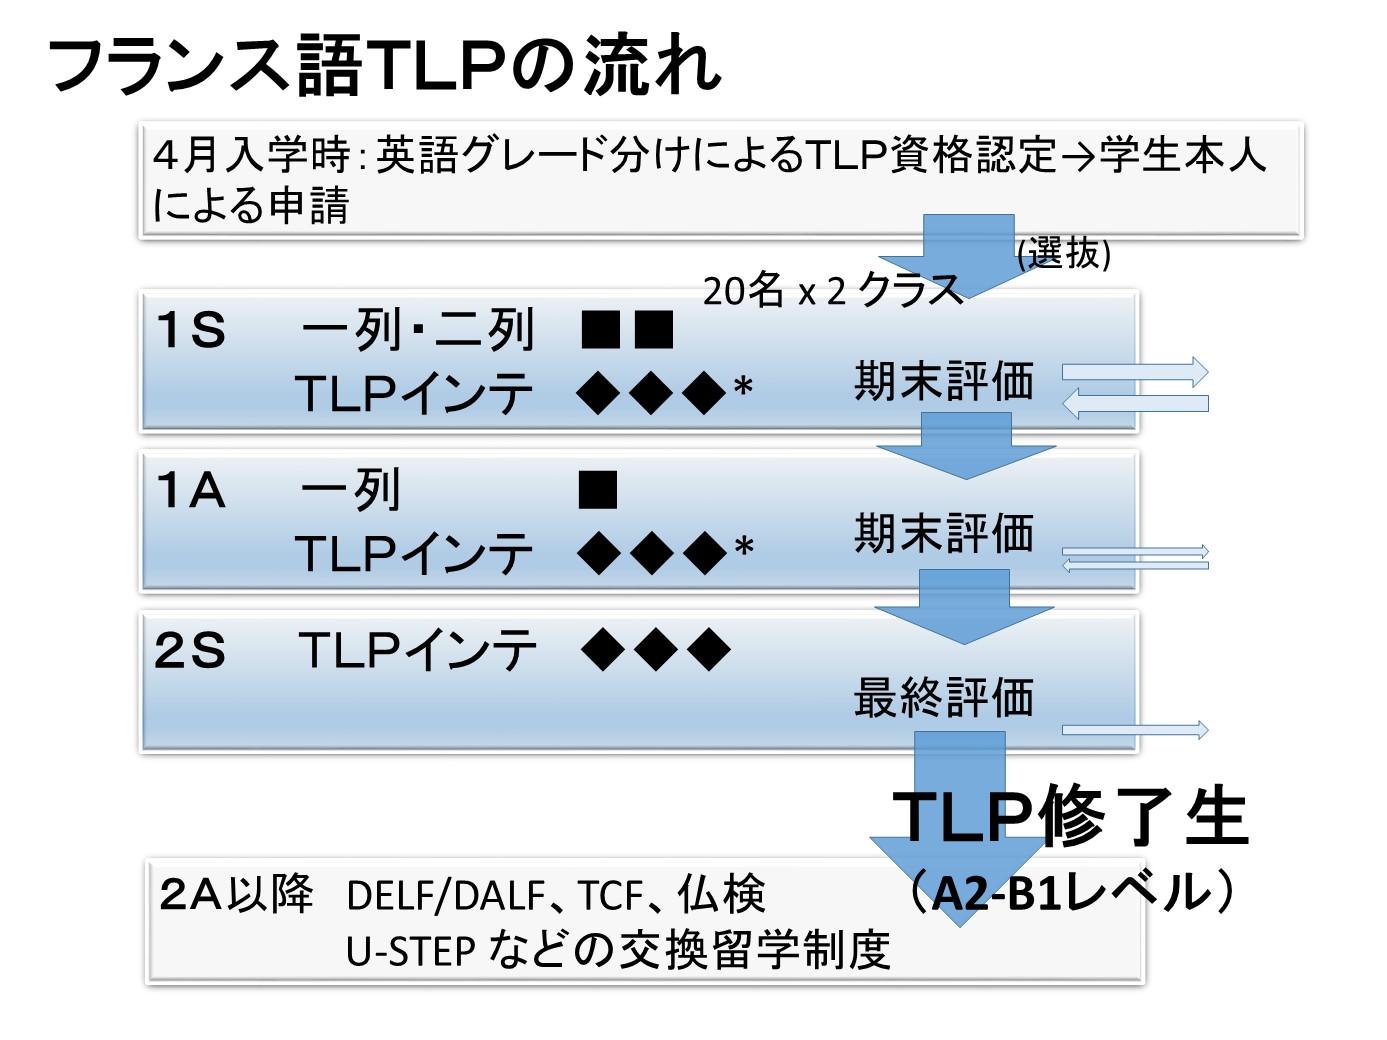 tlp_fr_scheme_jp